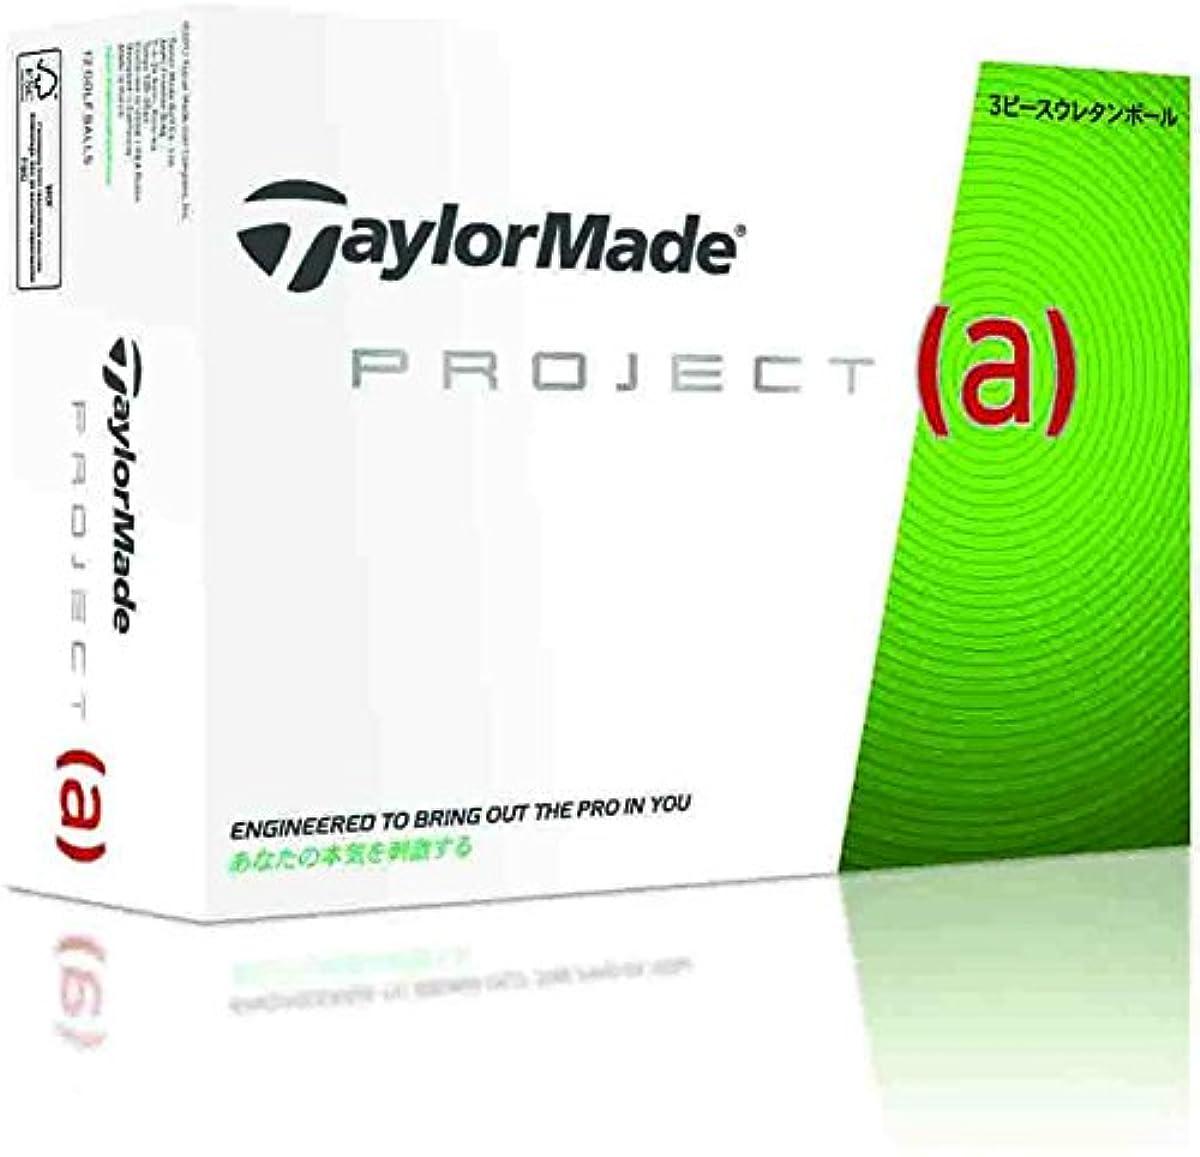 [해외] TAYLOR MADE(테일러메이드) 골프 볼(1다스12개 들이) PROJECT a A3413101 화이트